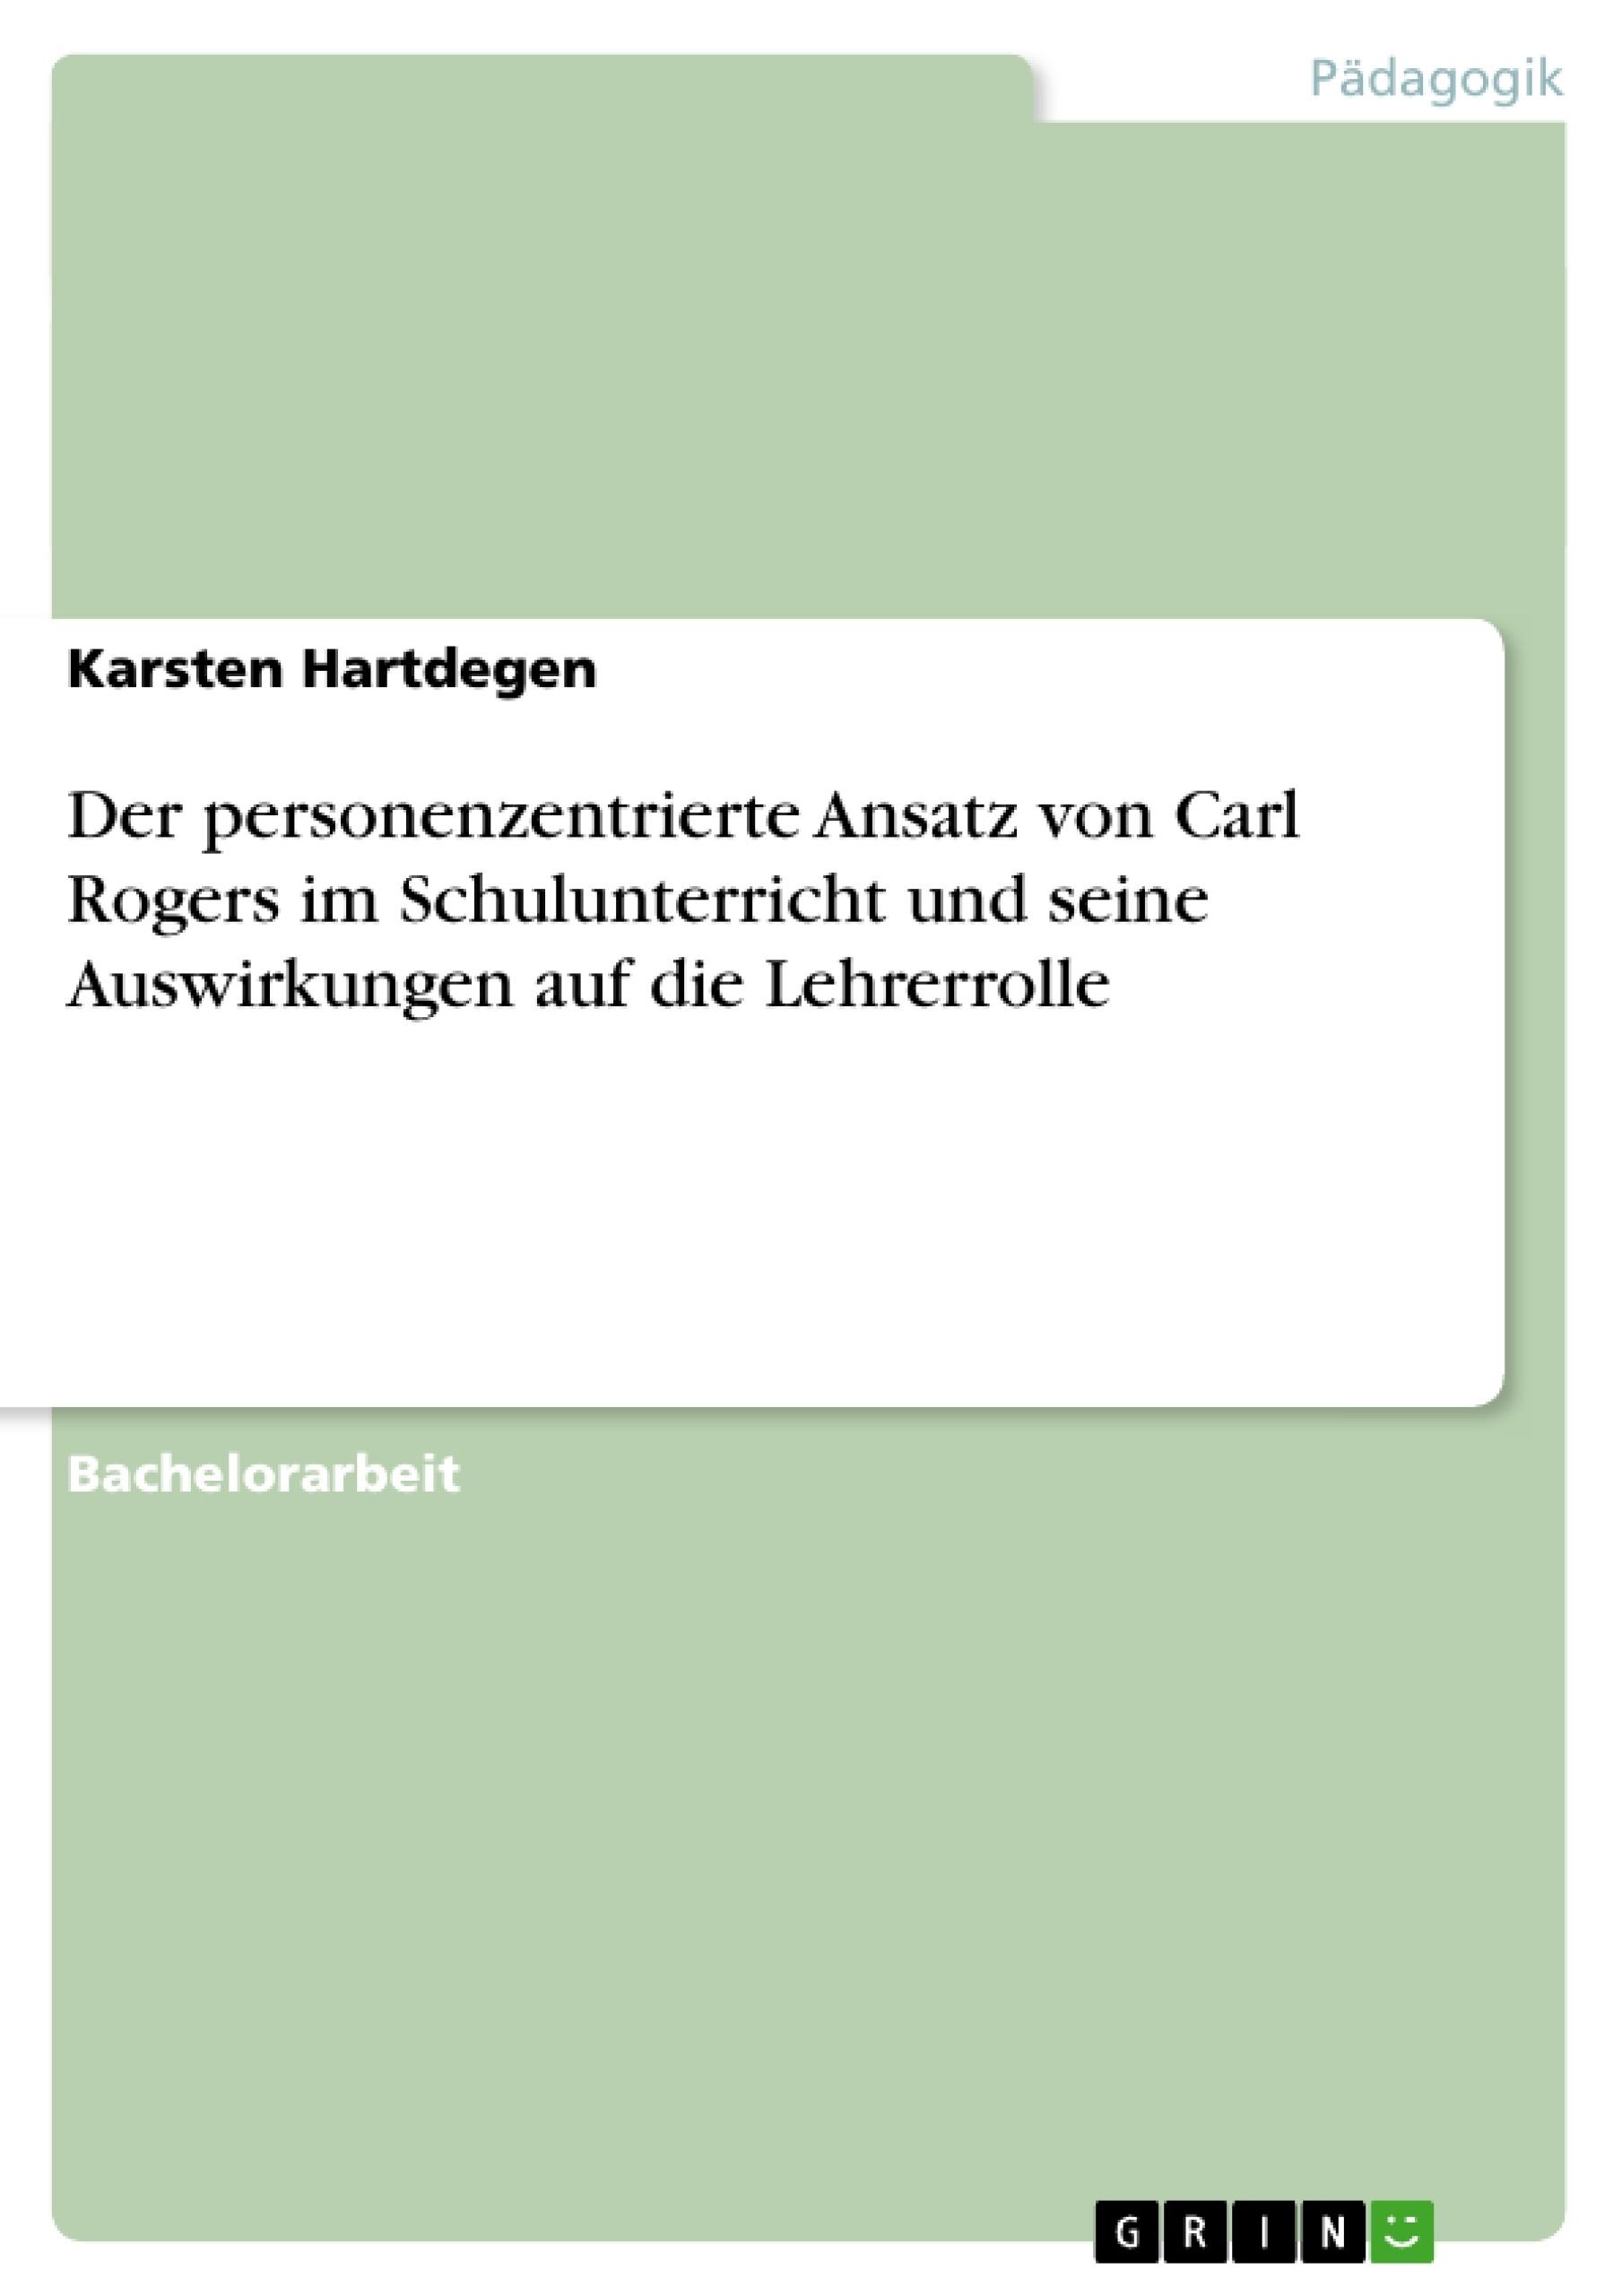 Titel: Der personenzentrierte Ansatz  von Carl Rogers  im Schulunterricht und  seine Auswirkungen auf die Lehrerrolle